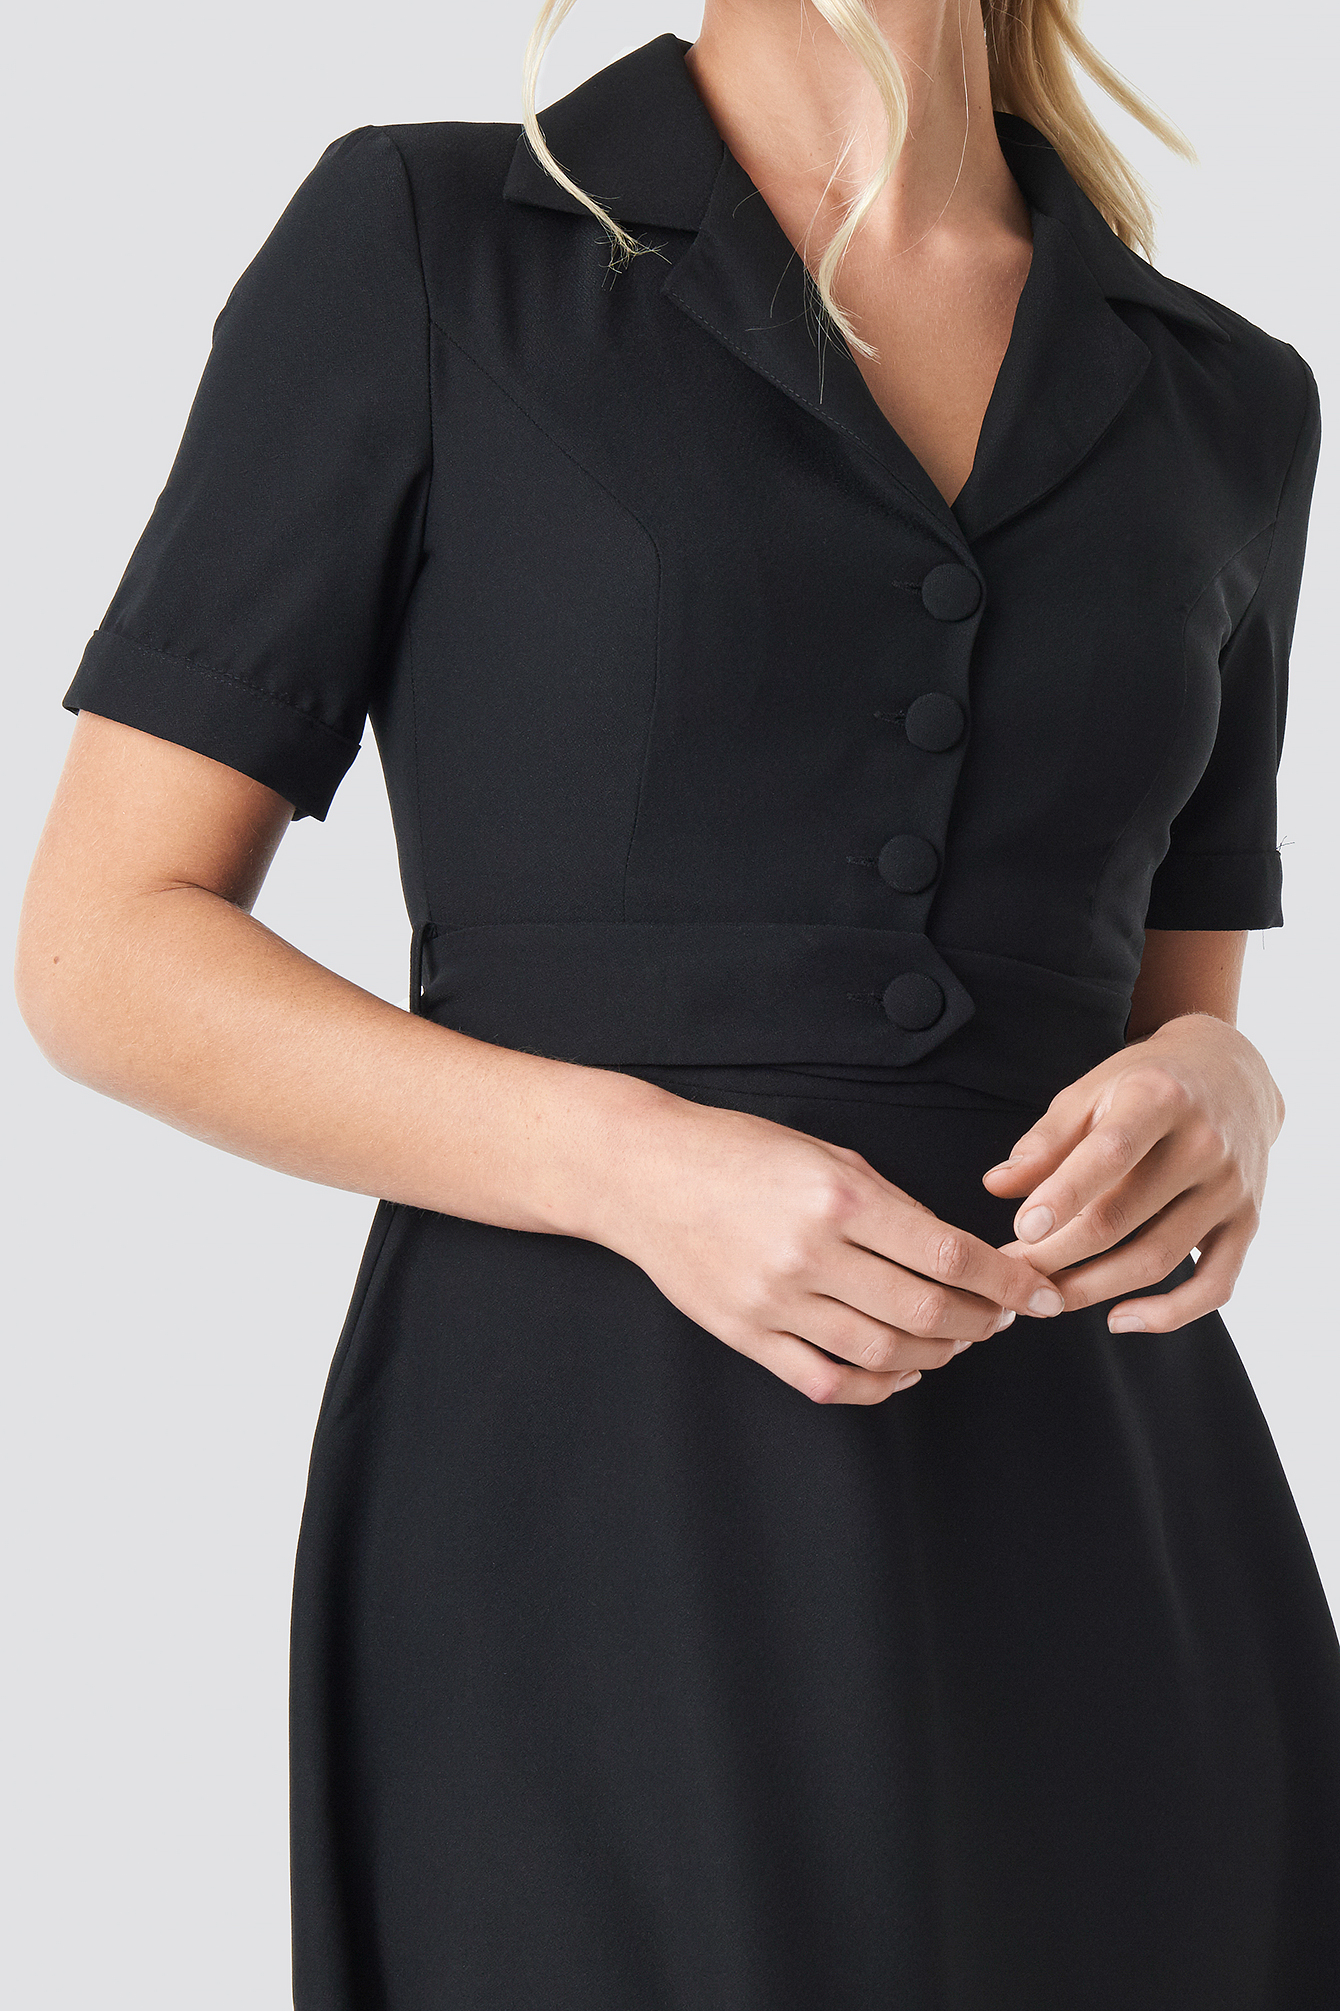 Yol Belt Detailed Dress NA-KD.COM